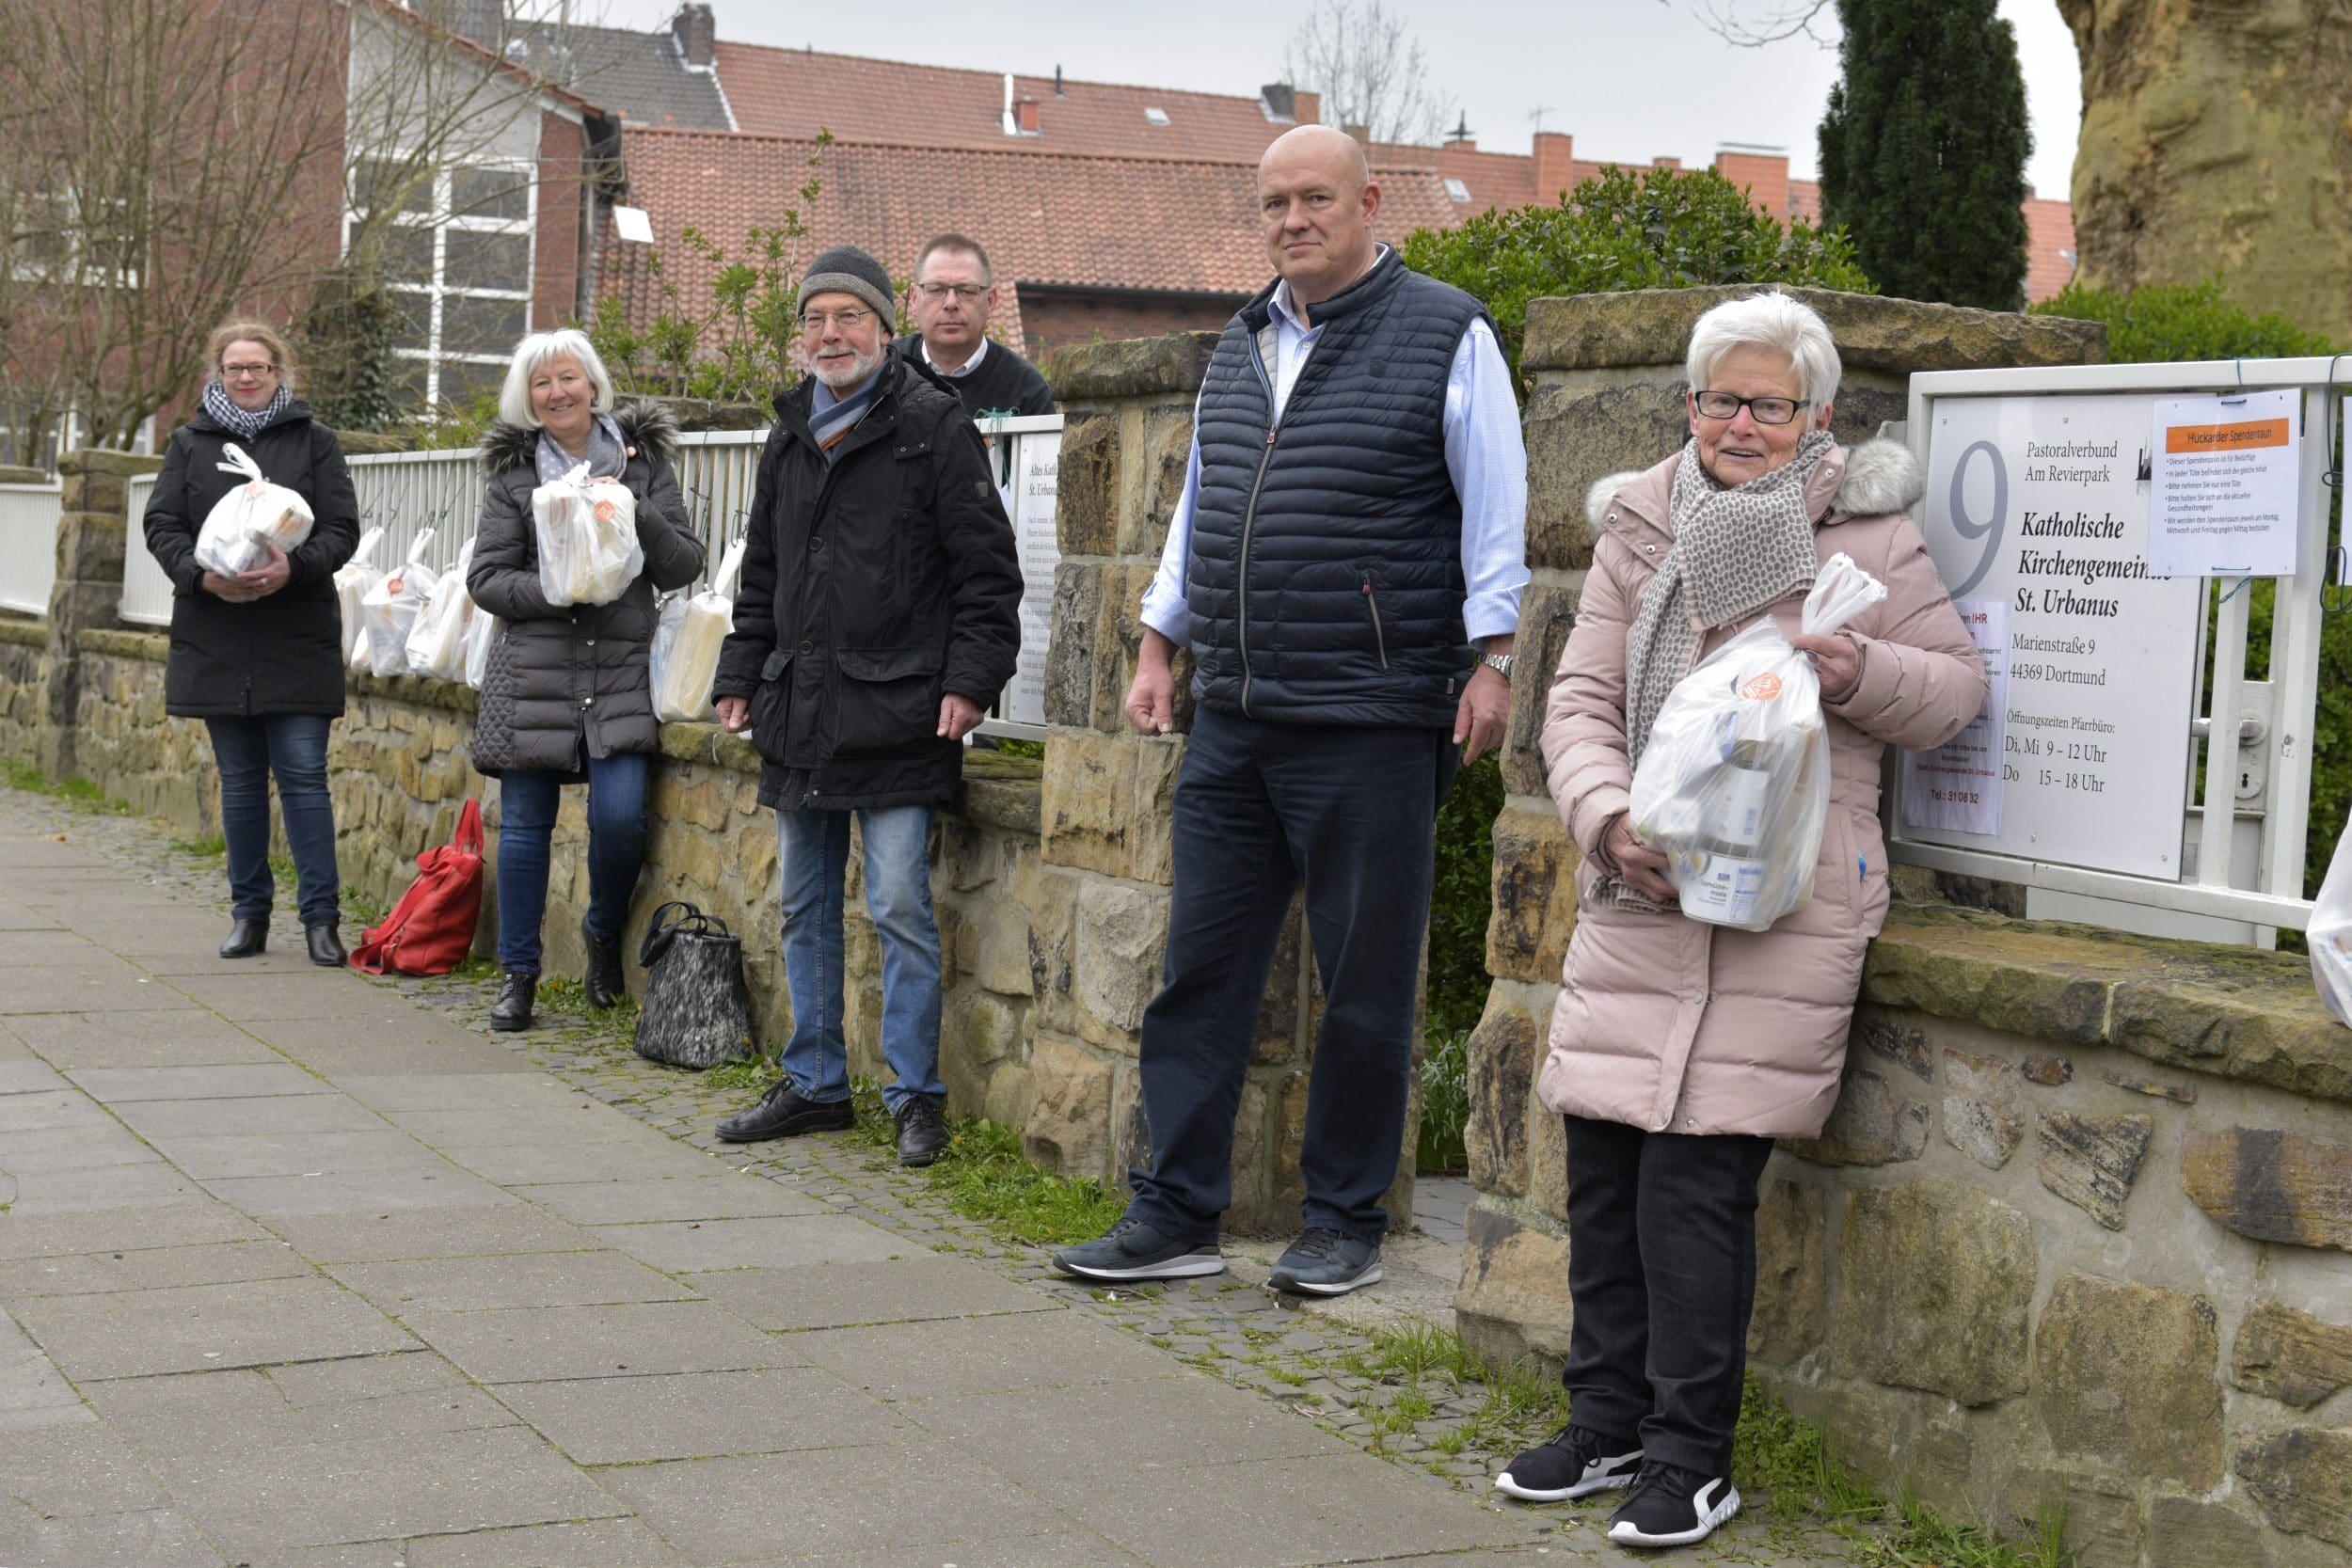 Wie schon im April will der Spendenzaun an der Marienstraße auch diesmal die durch Einstellung der Tafel-Aktivitäten gerissene Lücke schließen. (Archivfoto: IN-StadtMagazine)